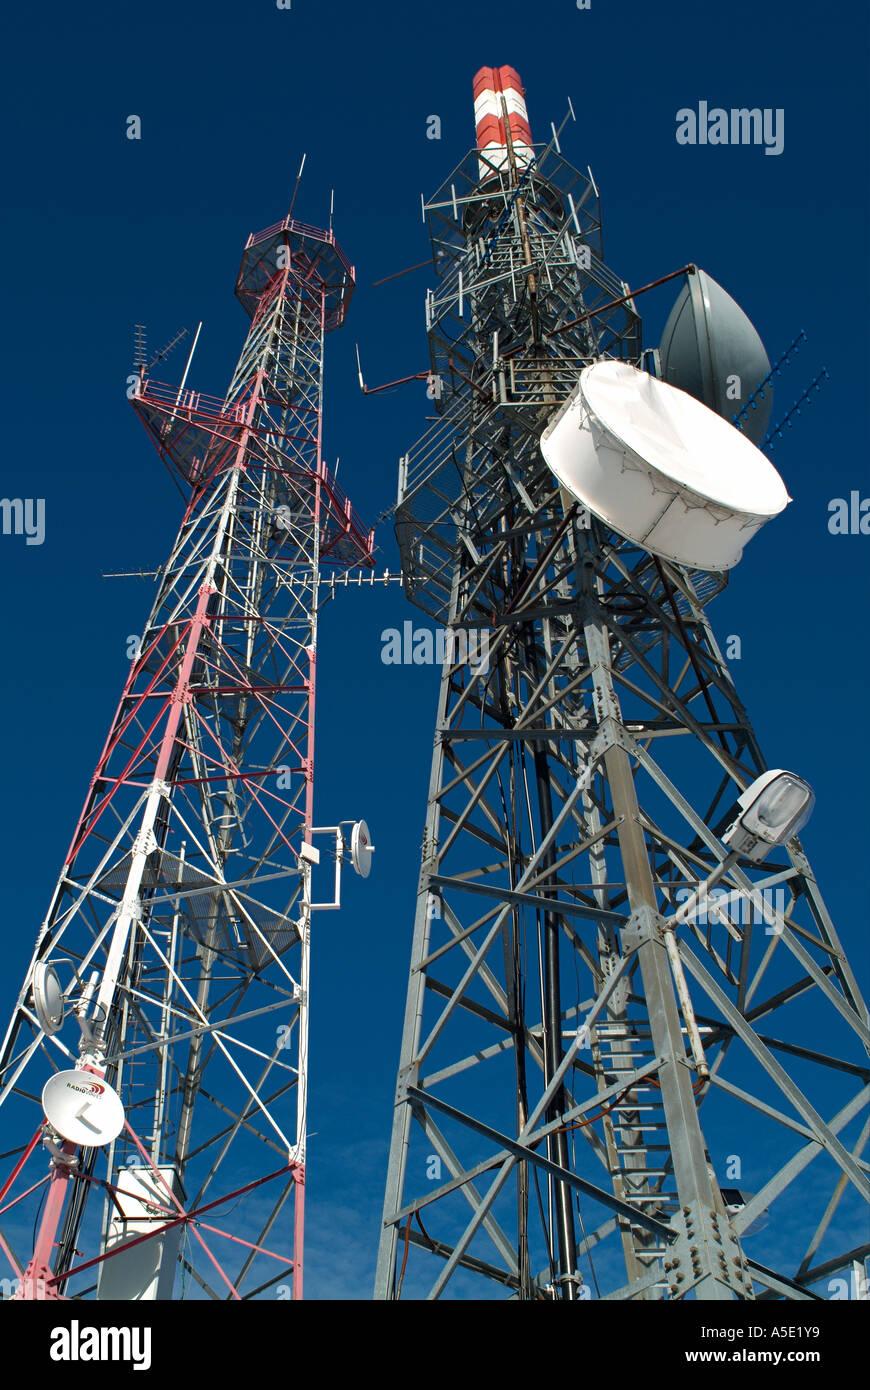 Transmitter Masts - Stock Image